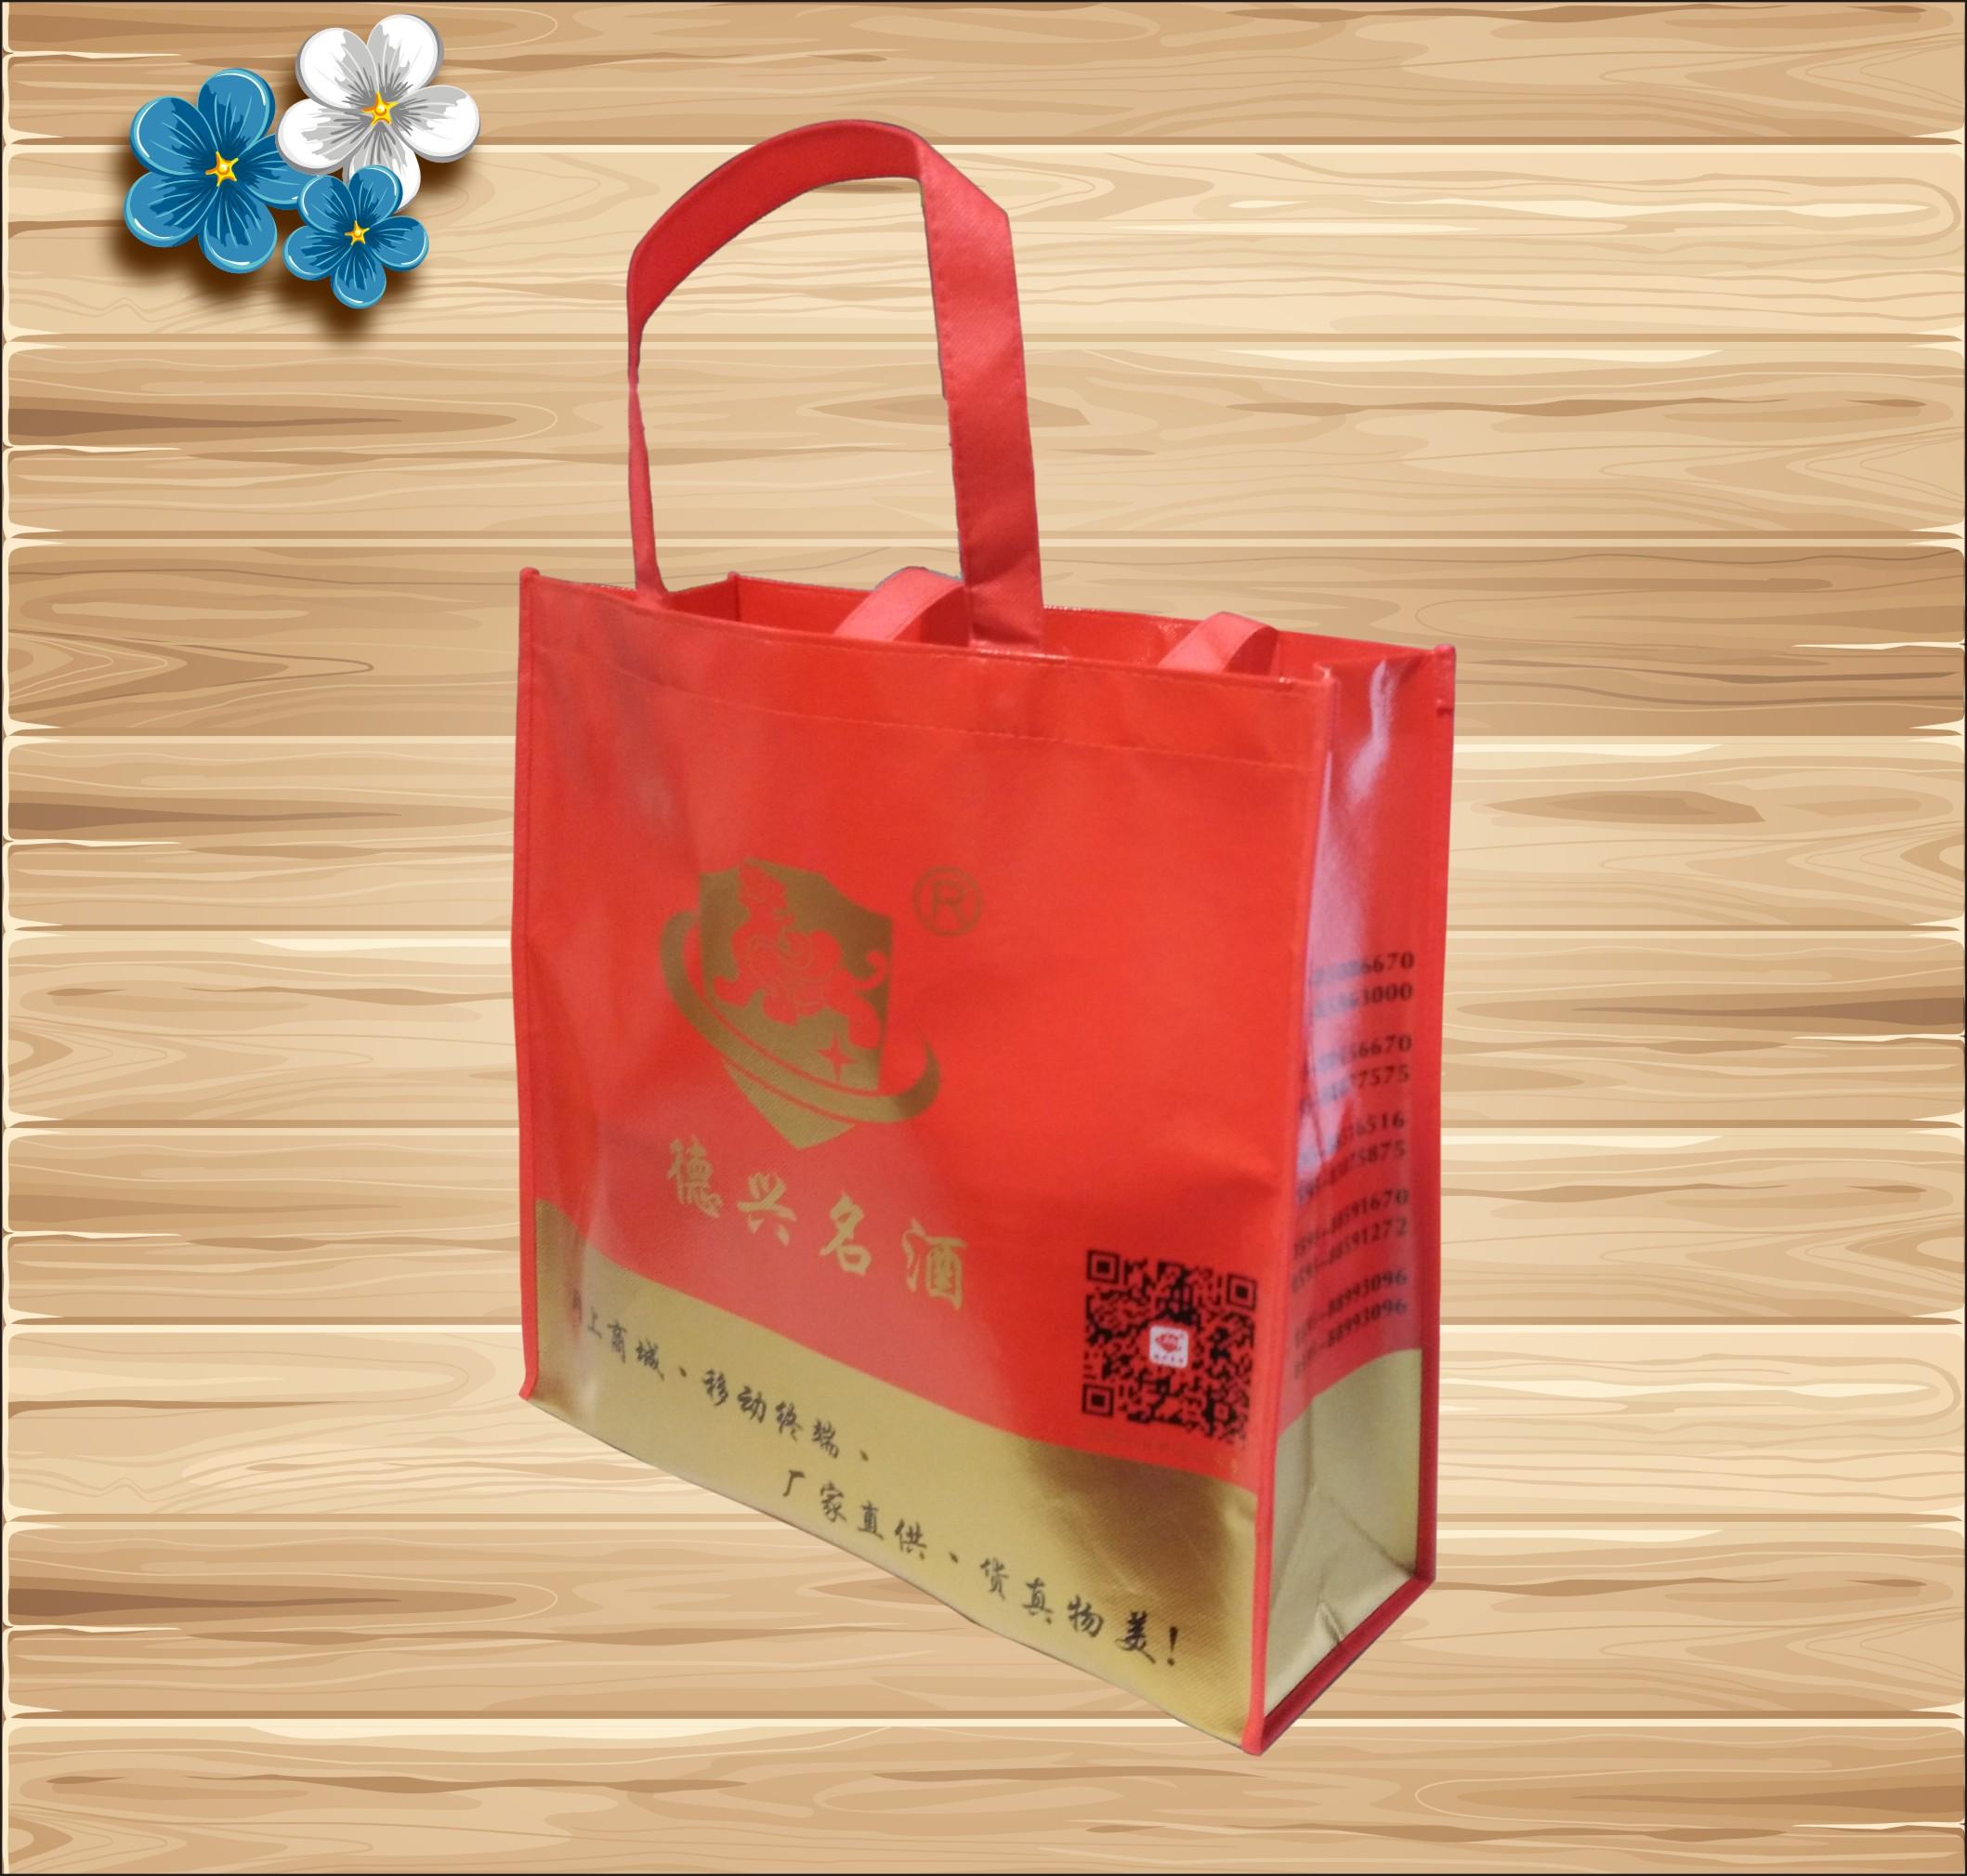 無紡布袋廠 環保紙袋生產